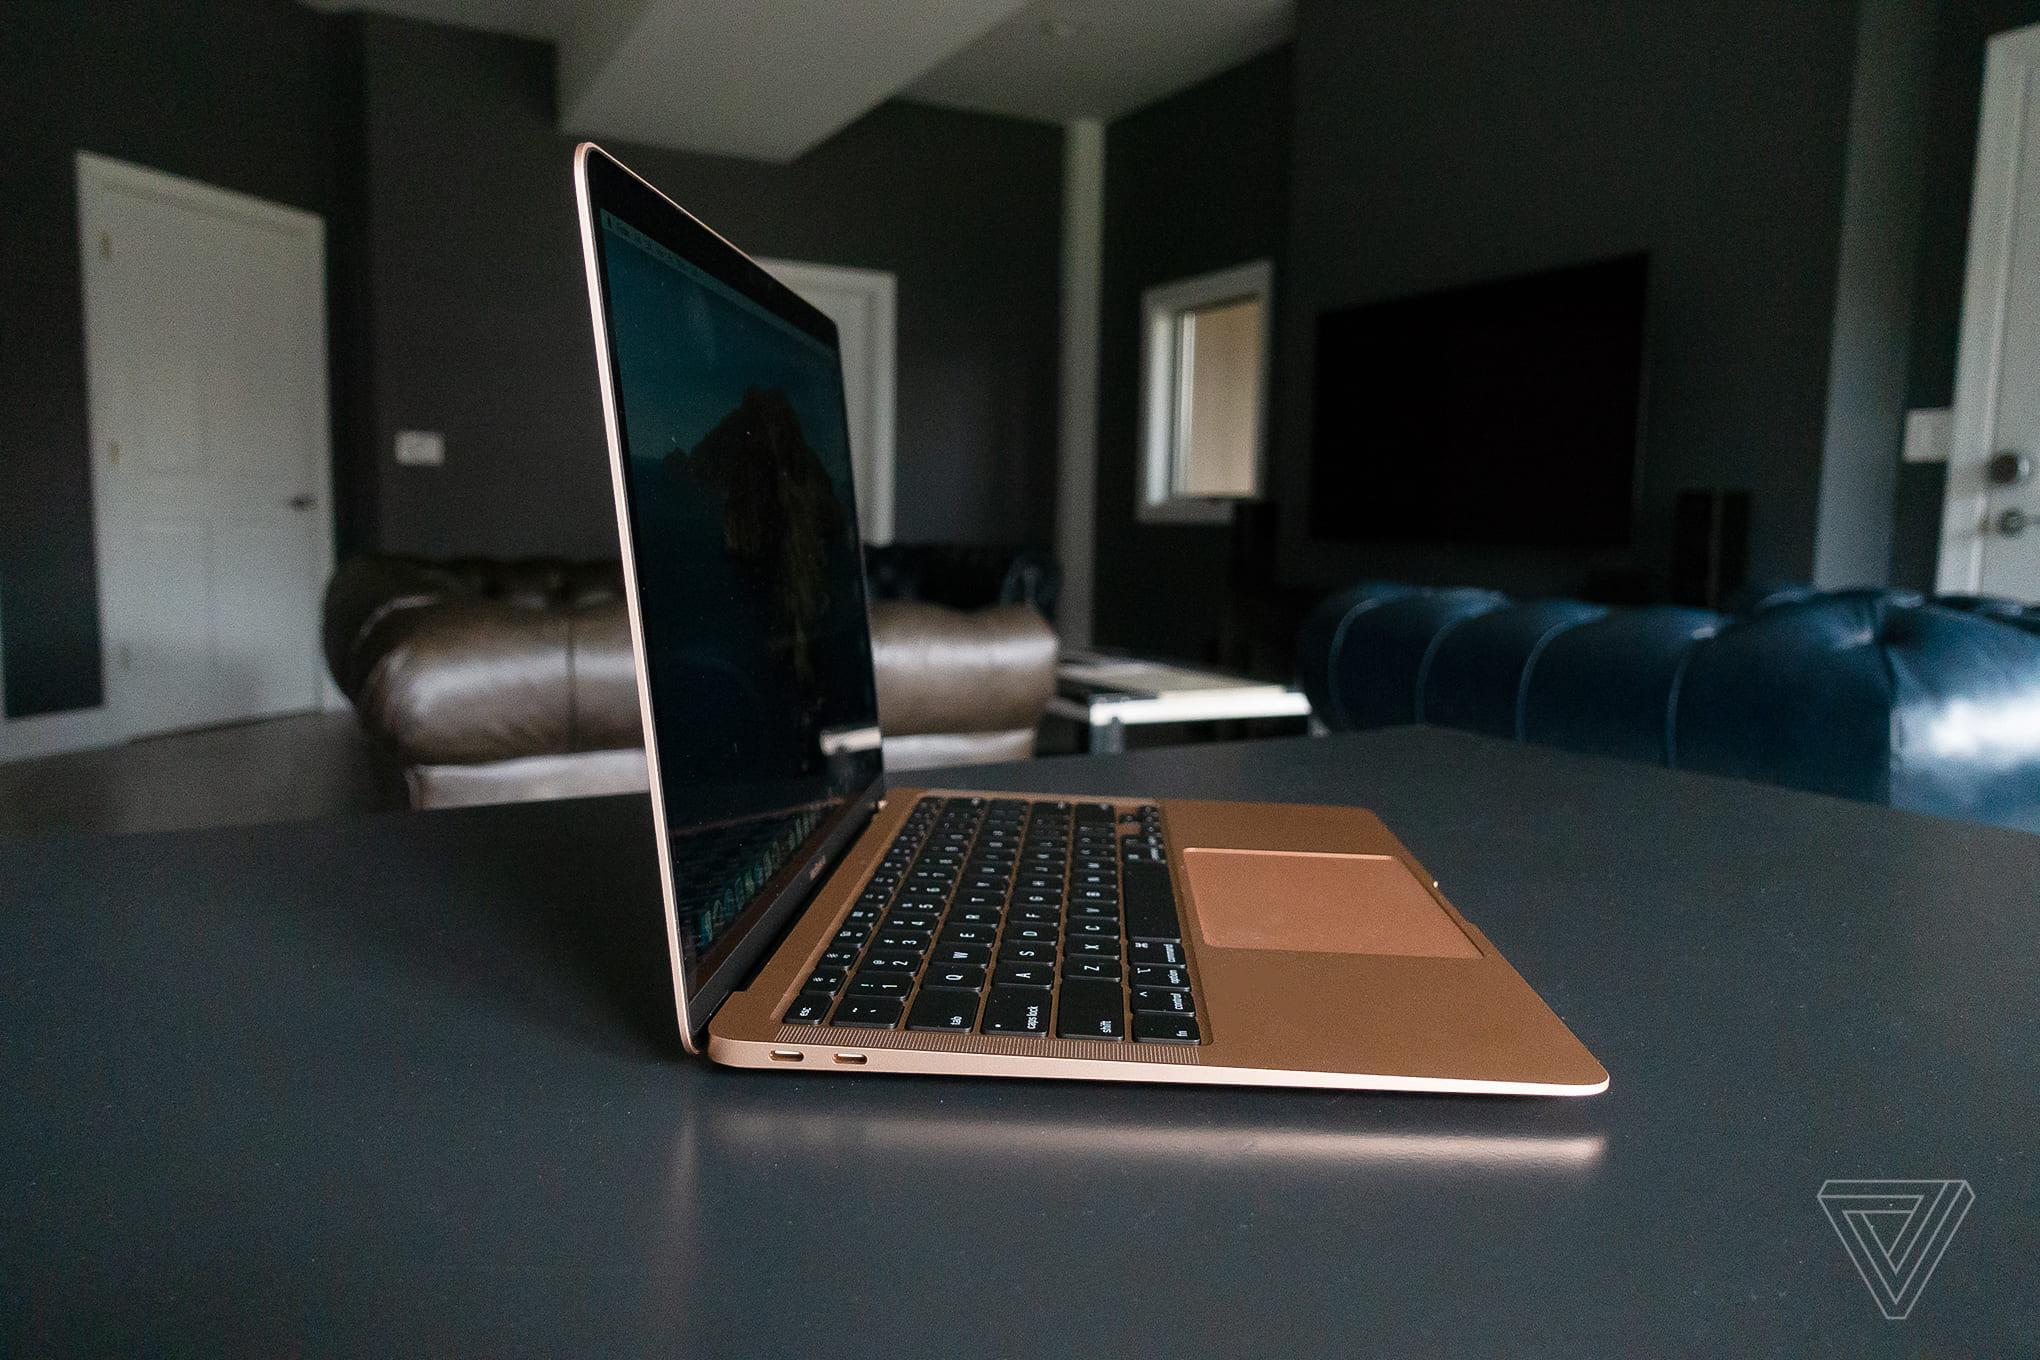 Mua MacBook: Hãy hiểu rõ cấu hình 20611511